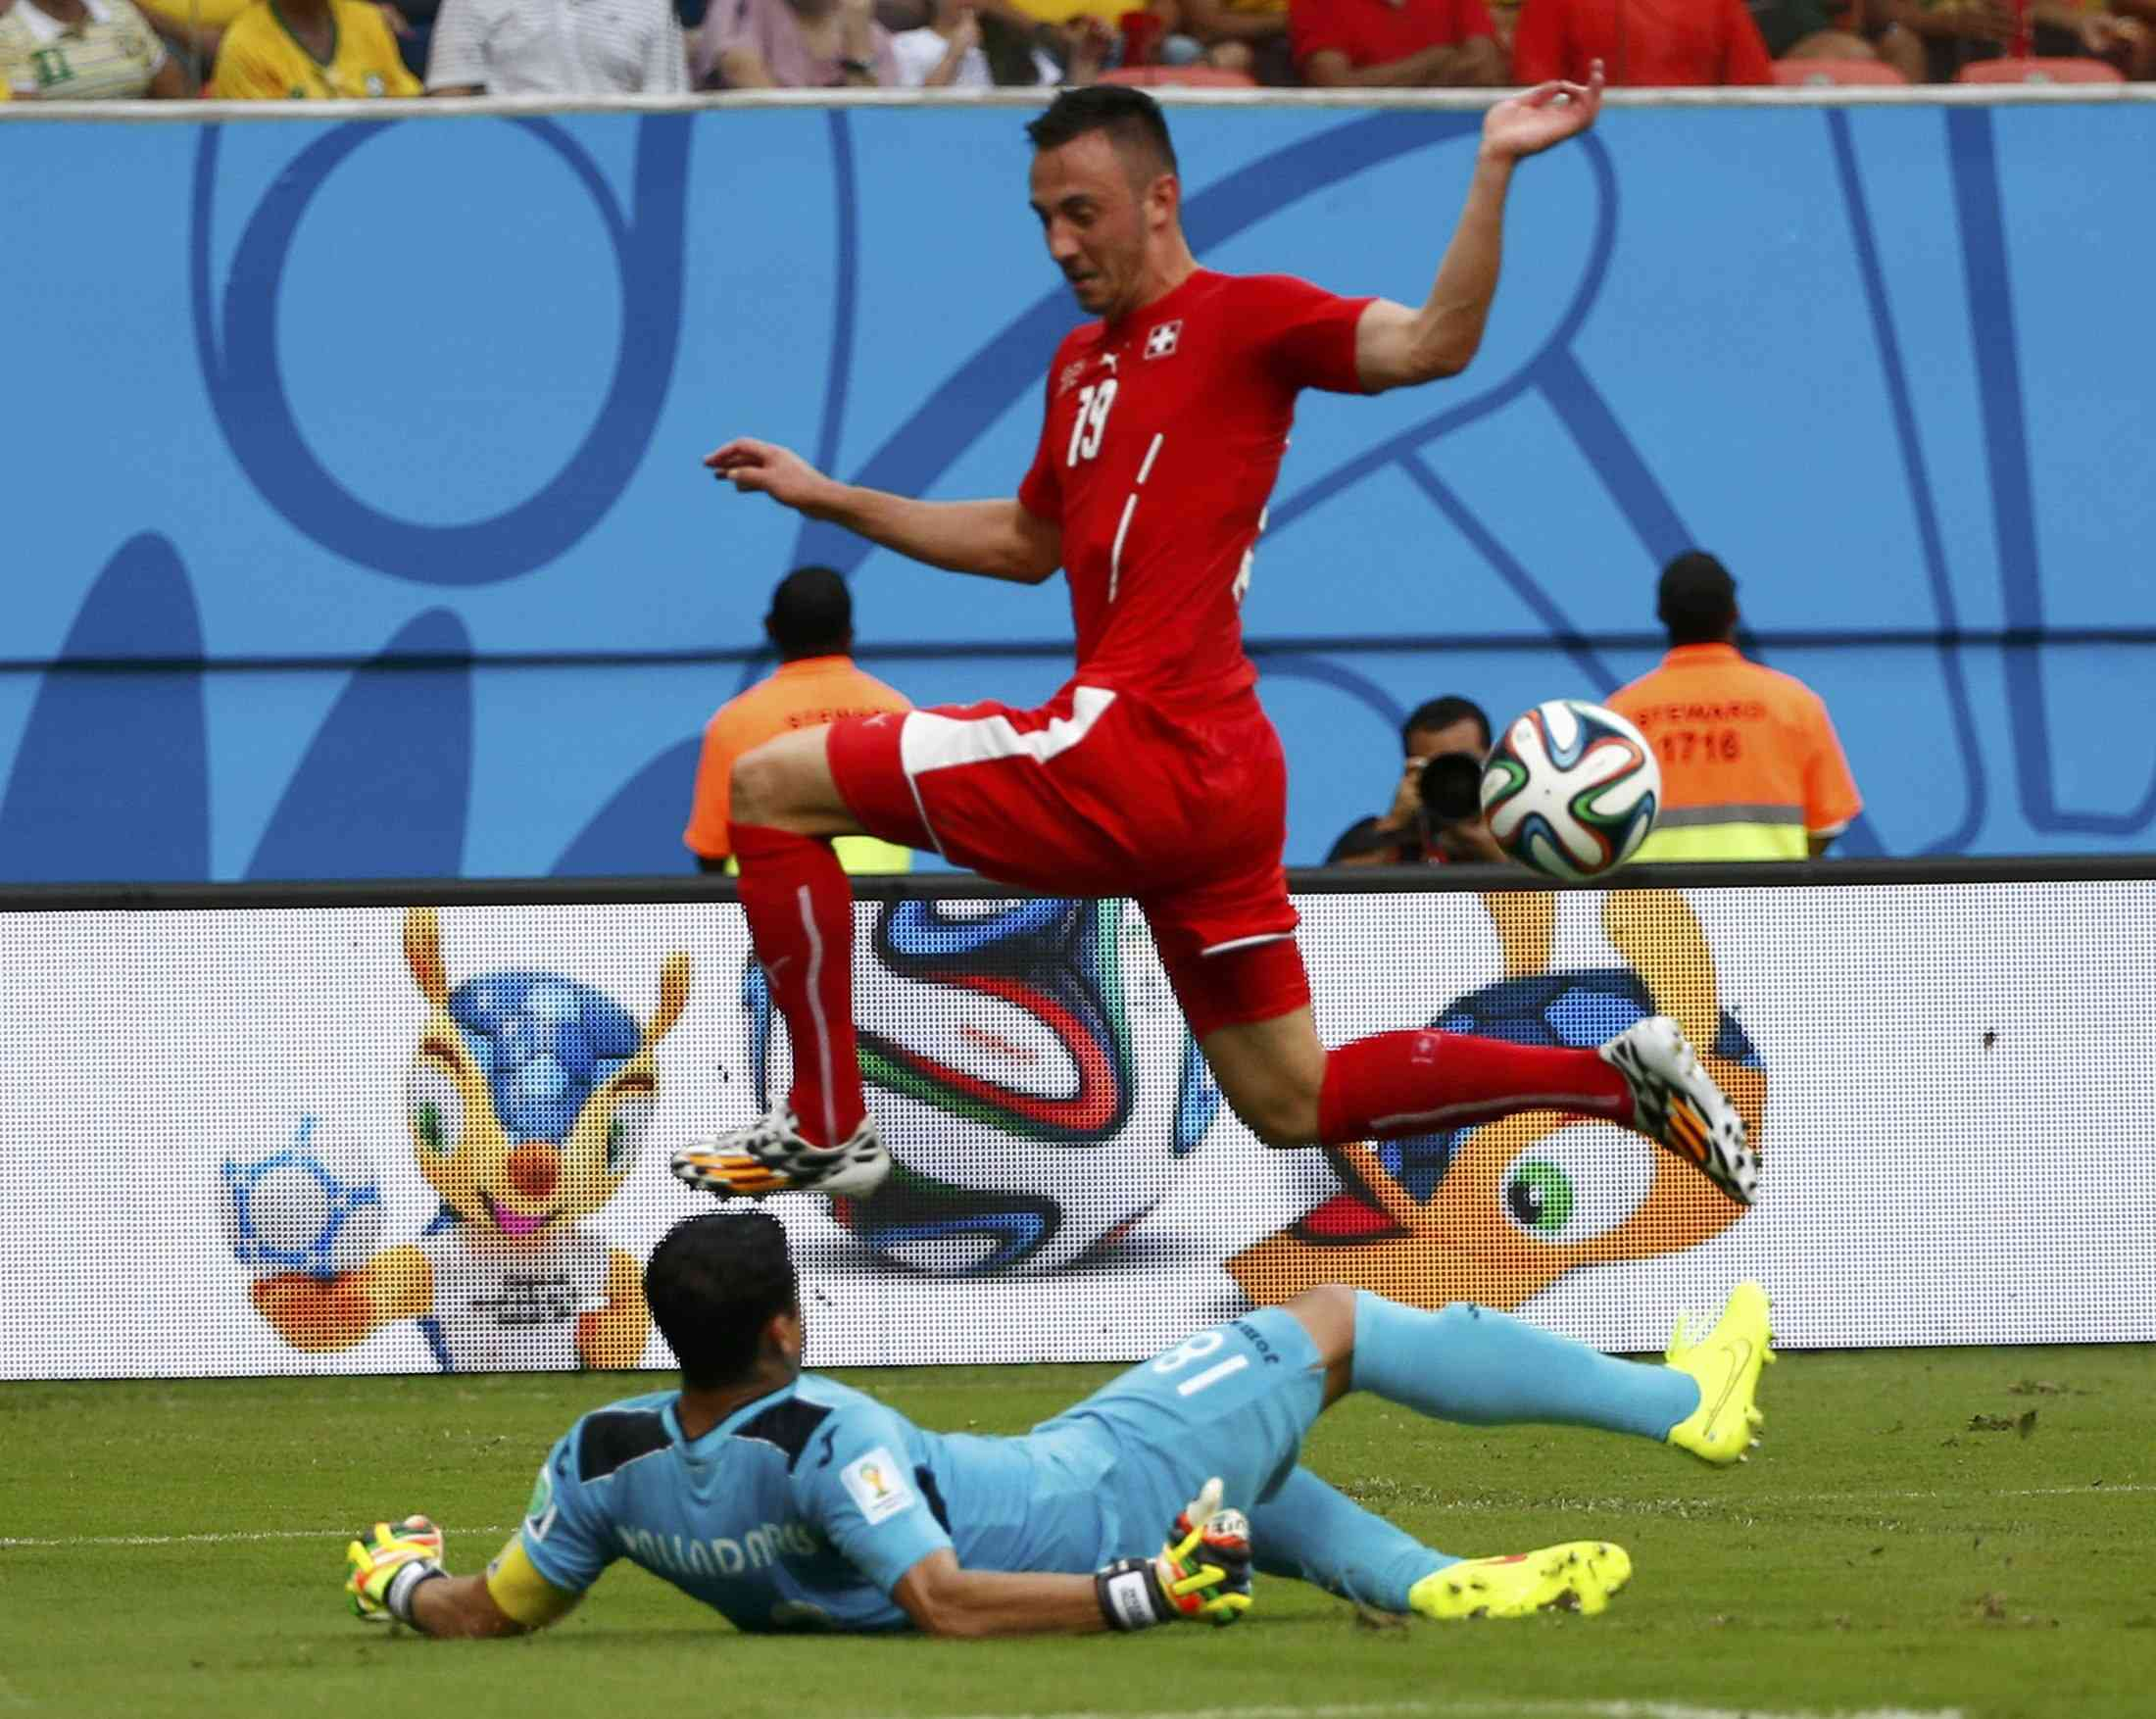 Швейцария разгромила Гондурас и вышла в 1/8 финала чемпионата мира